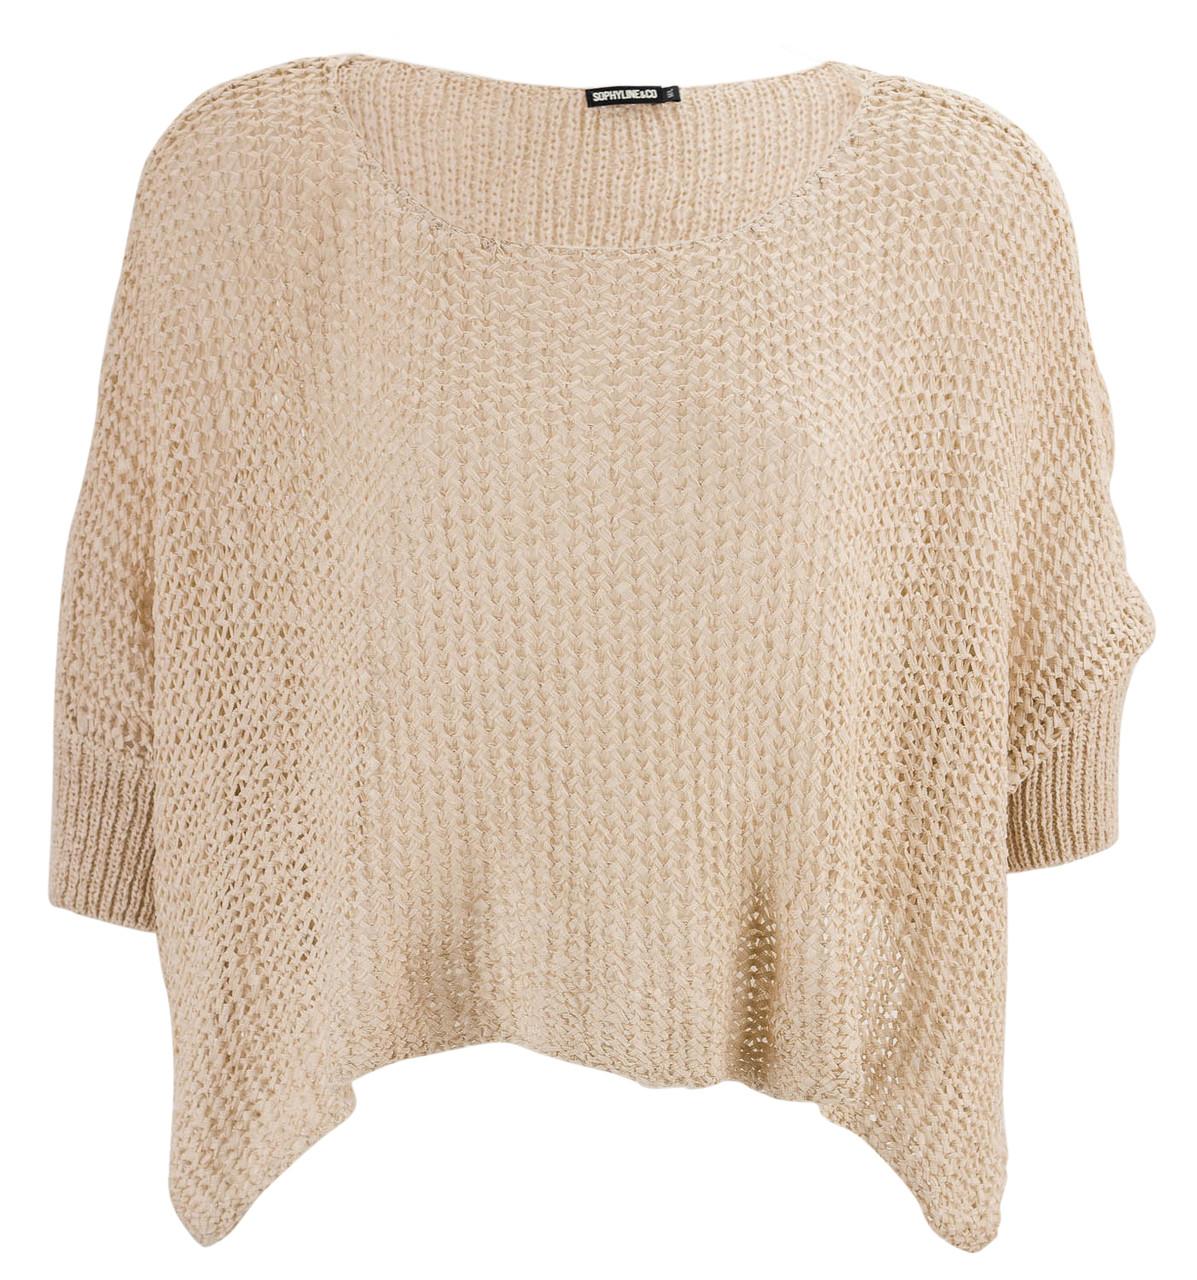 Dámský svetřík netopýří střih béžová - Svetry - Dámské oblečení ... cbe8f7b209